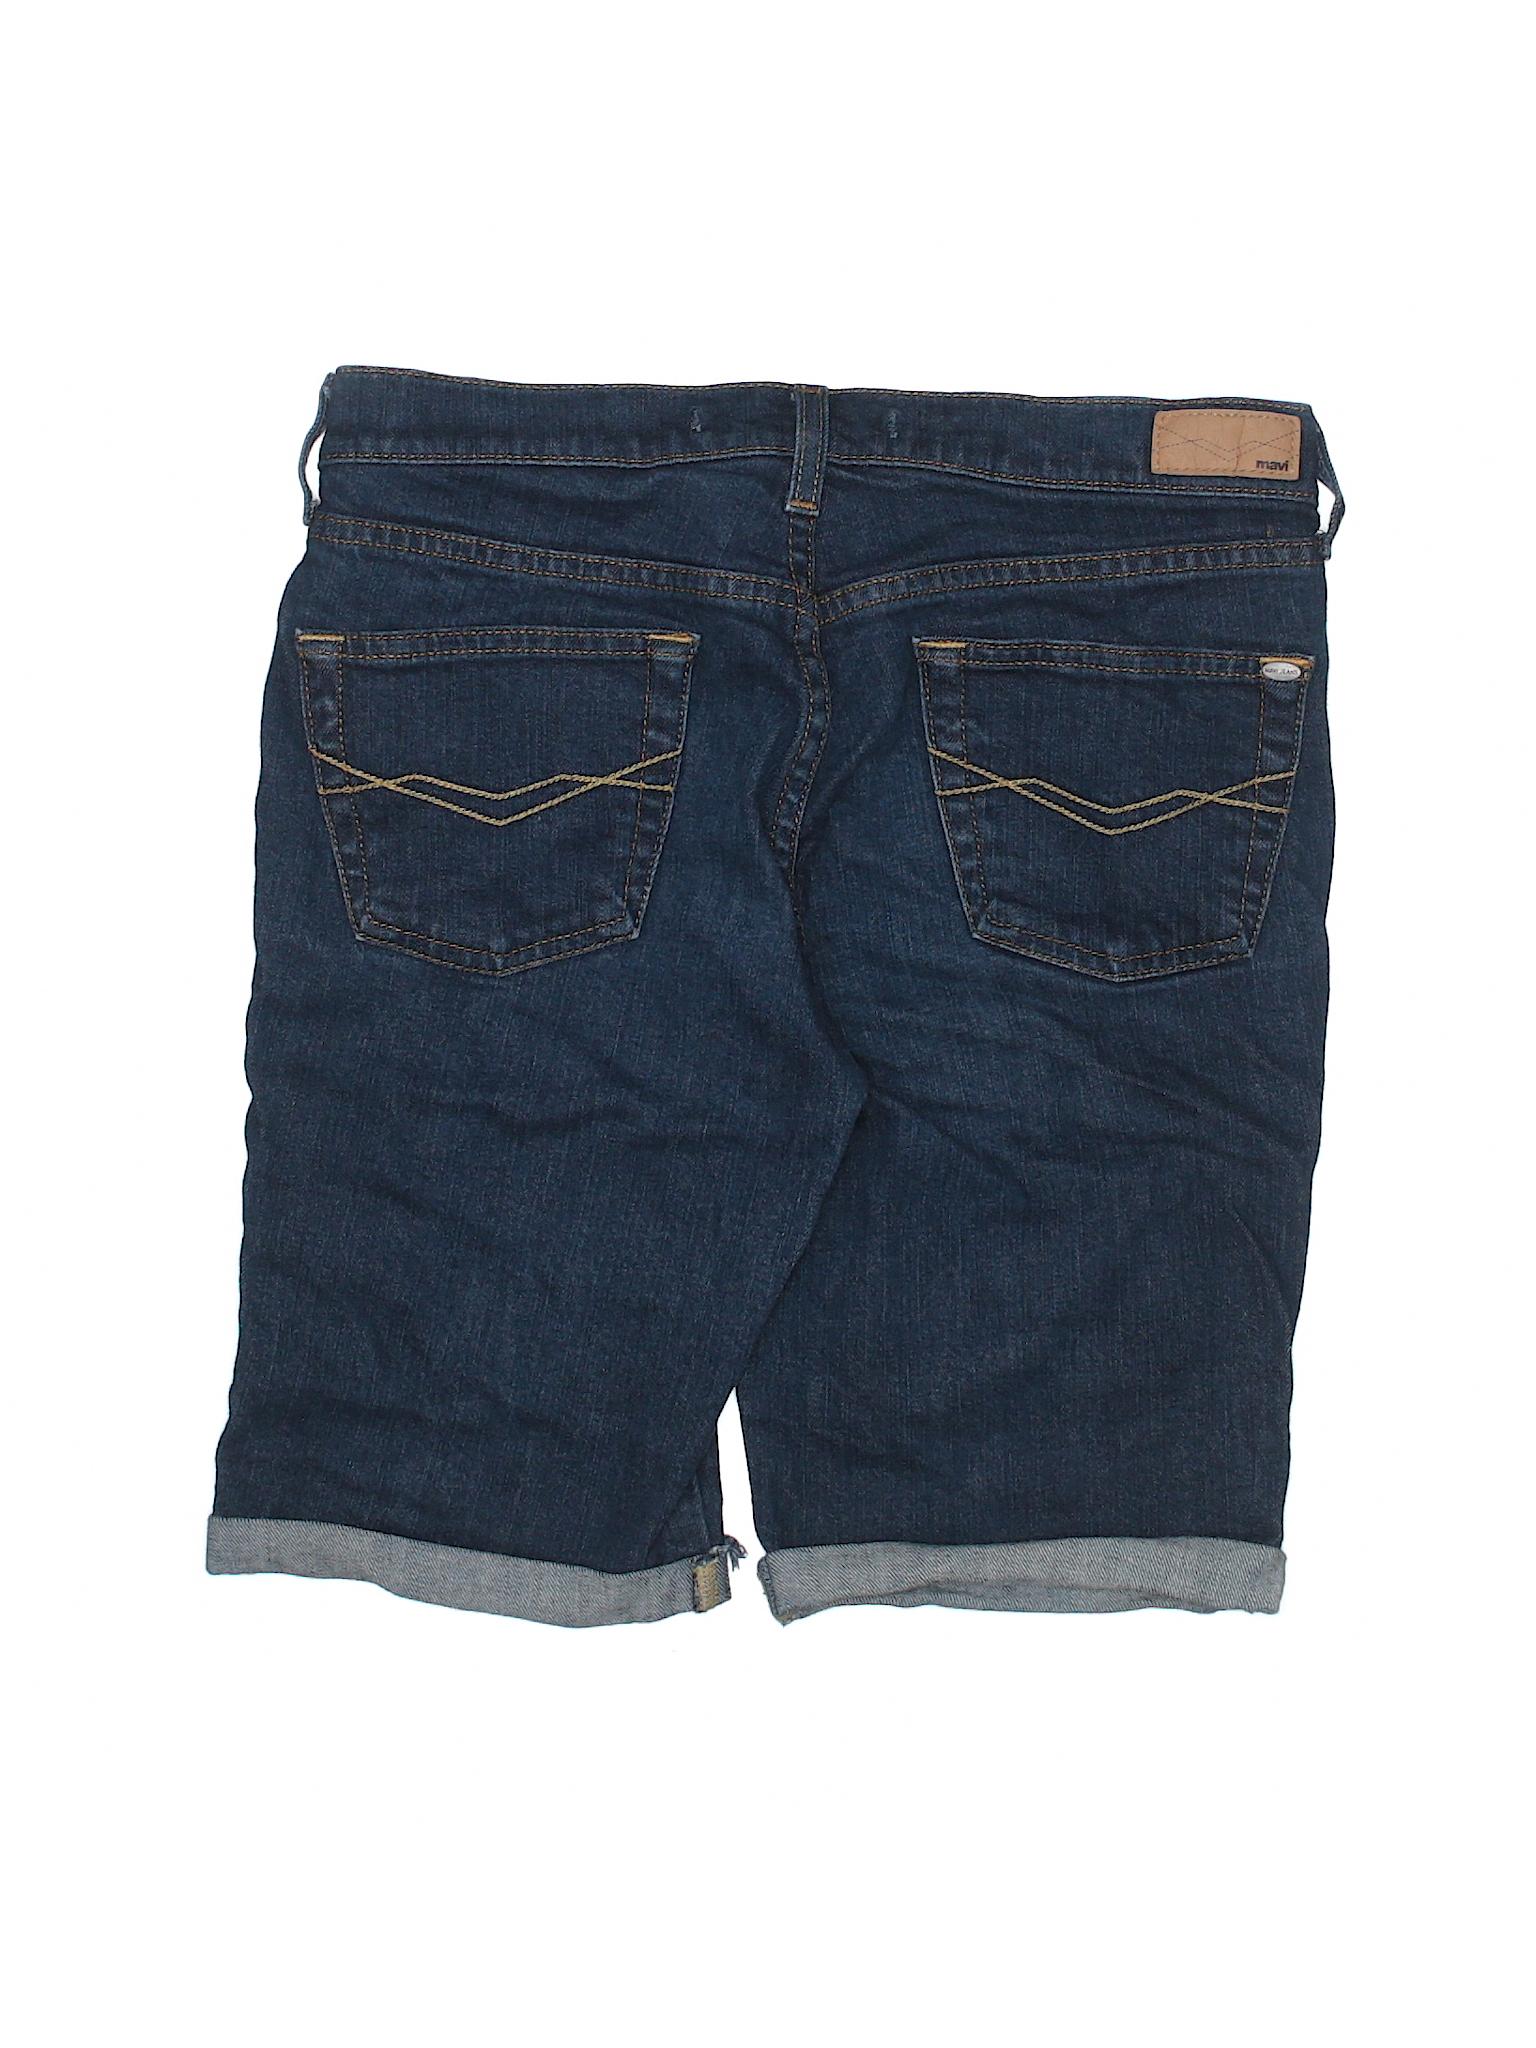 mavi Denim Denim mavi Shorts Boutique leisure leisure Boutique Shorts Denim leisure Boutique mavi xZPSwt